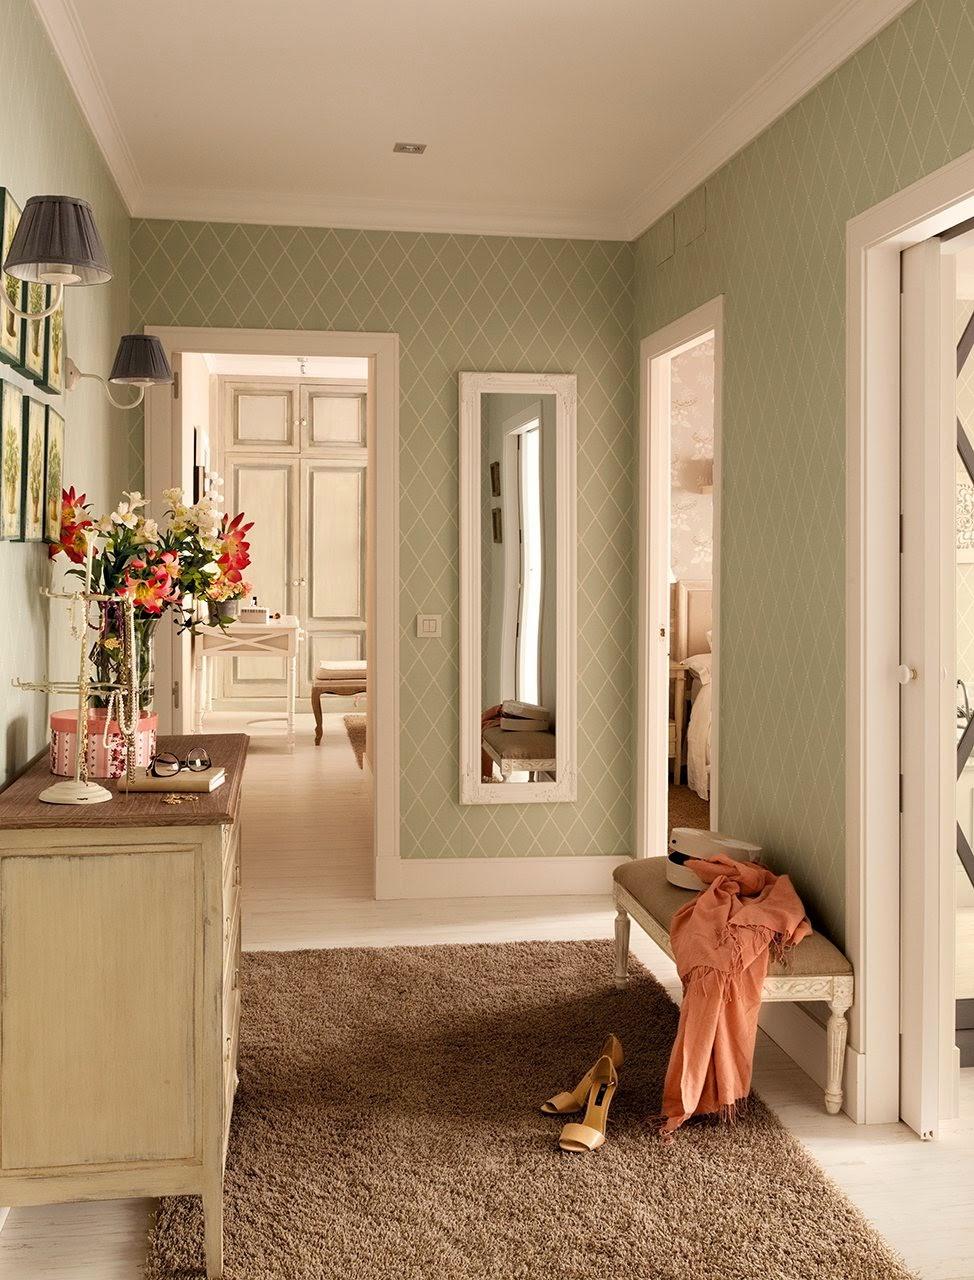 Stebbing house desing una casa de papel y tela - Papel y telas ...